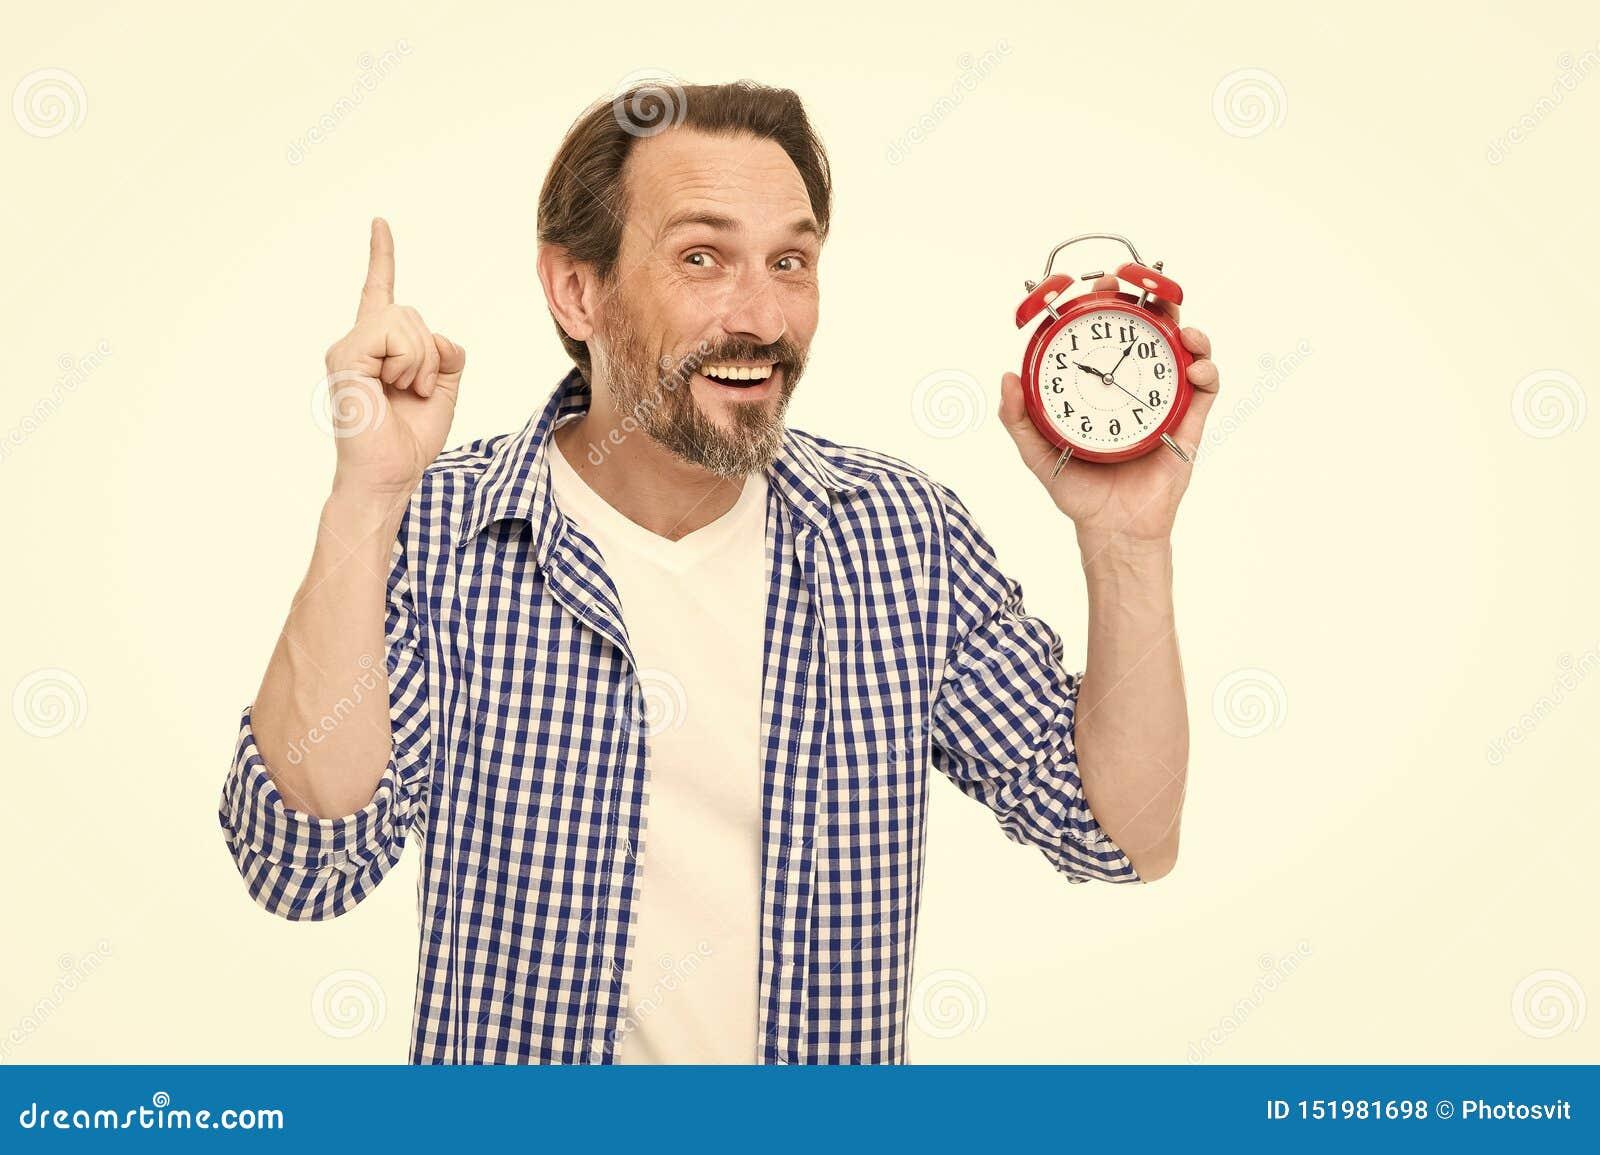 Despertador da posse do estilo ocasional do homem Gest?o de tempo e procrastina??o Tome o controle do tempo Verifique o tempo Ide